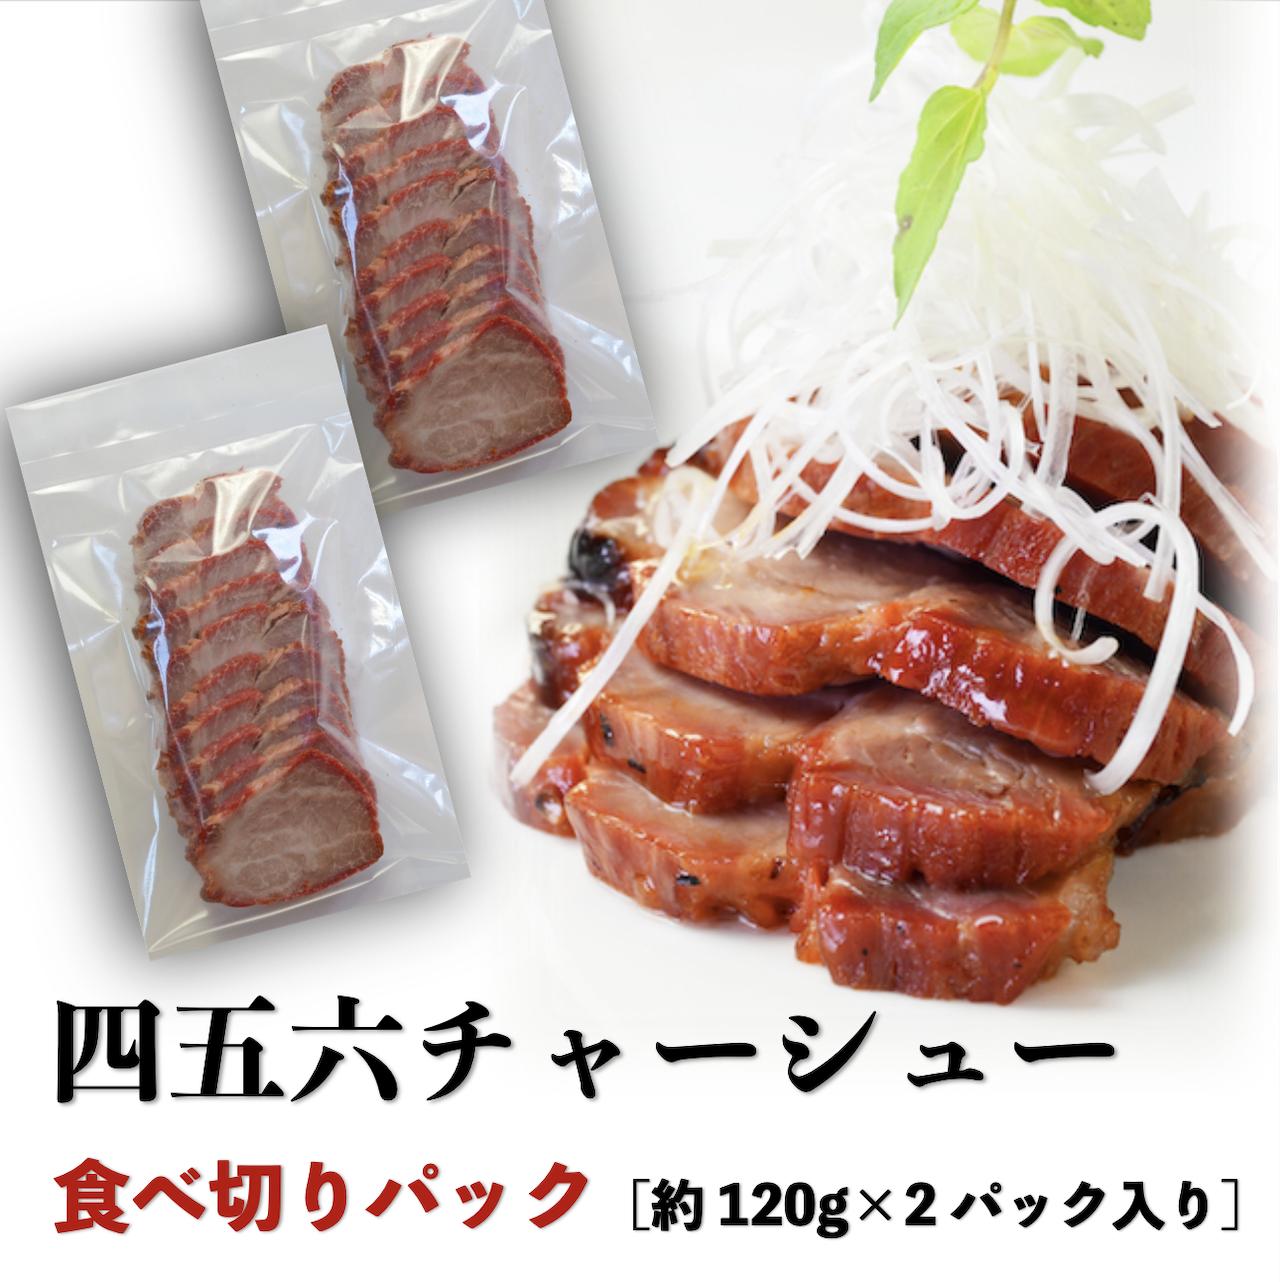 【スライスカット済】四五六チャーシュー[食べきりパック 約120g×2袋]